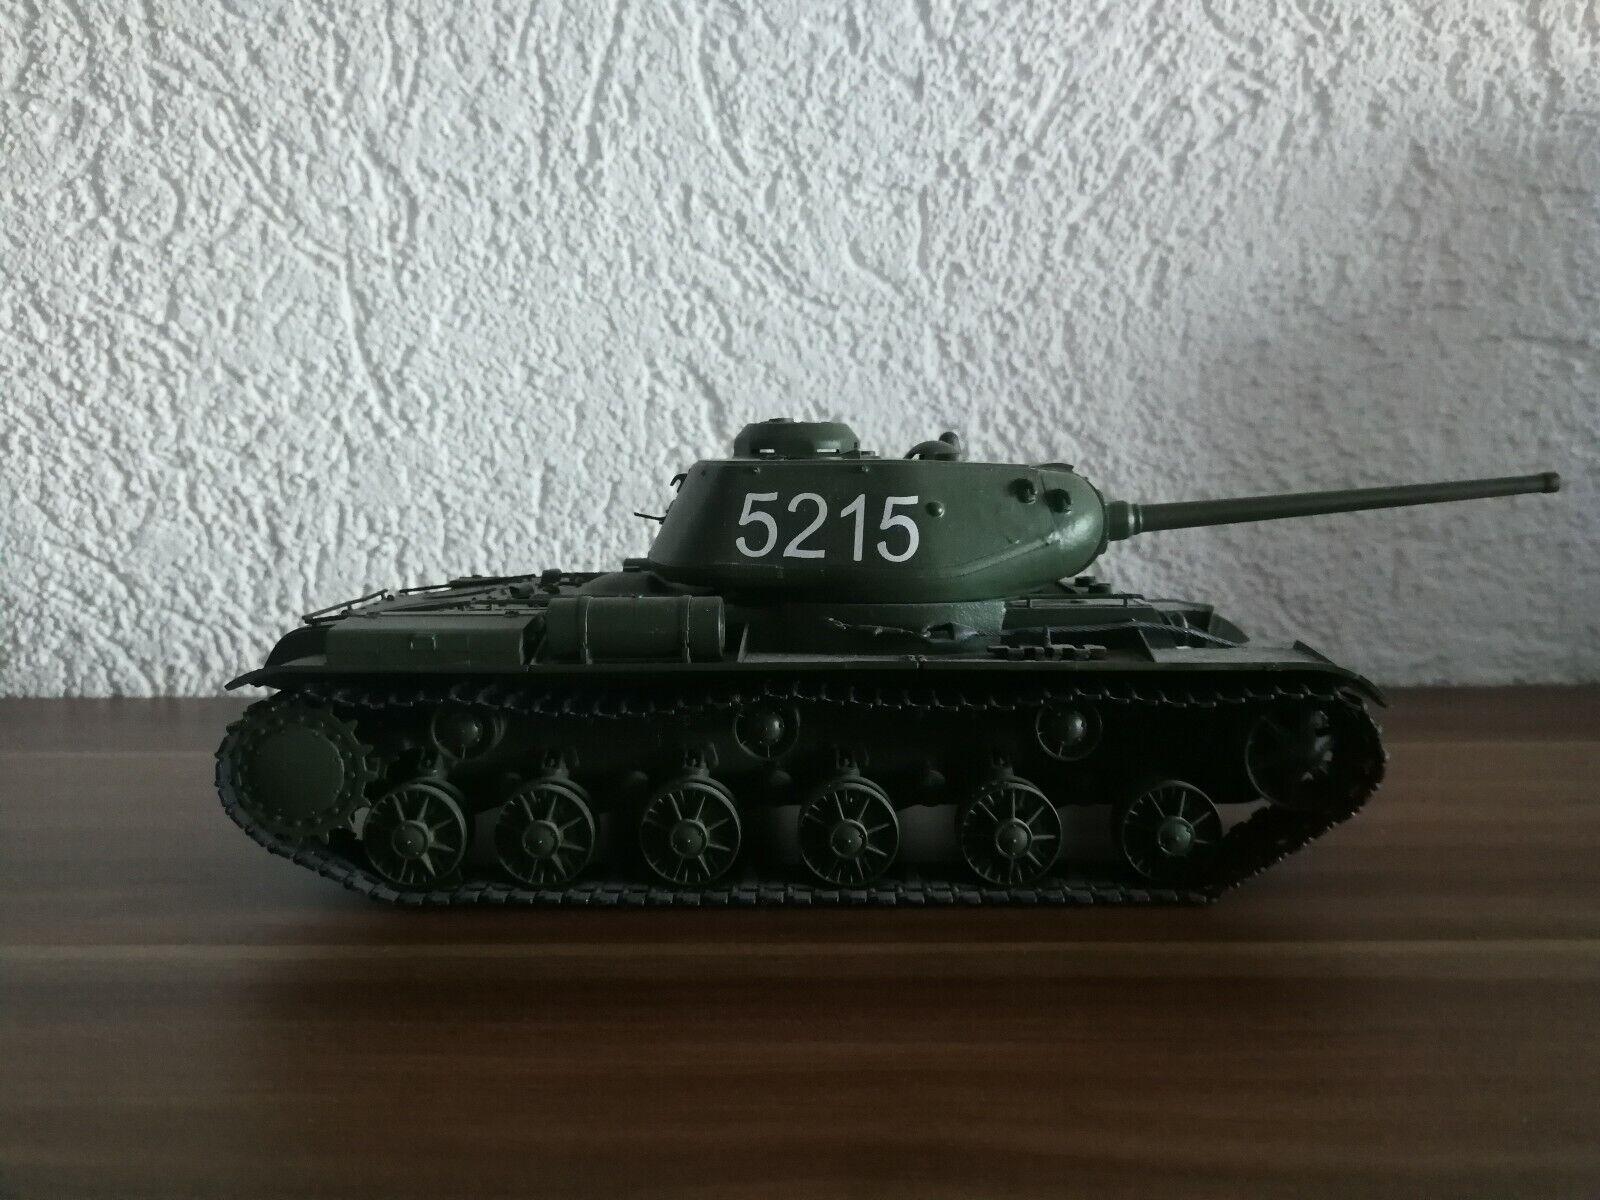 Panzer modell 1 35 gebaut KW 85 zweiter Weltkrieg Sowjetunion